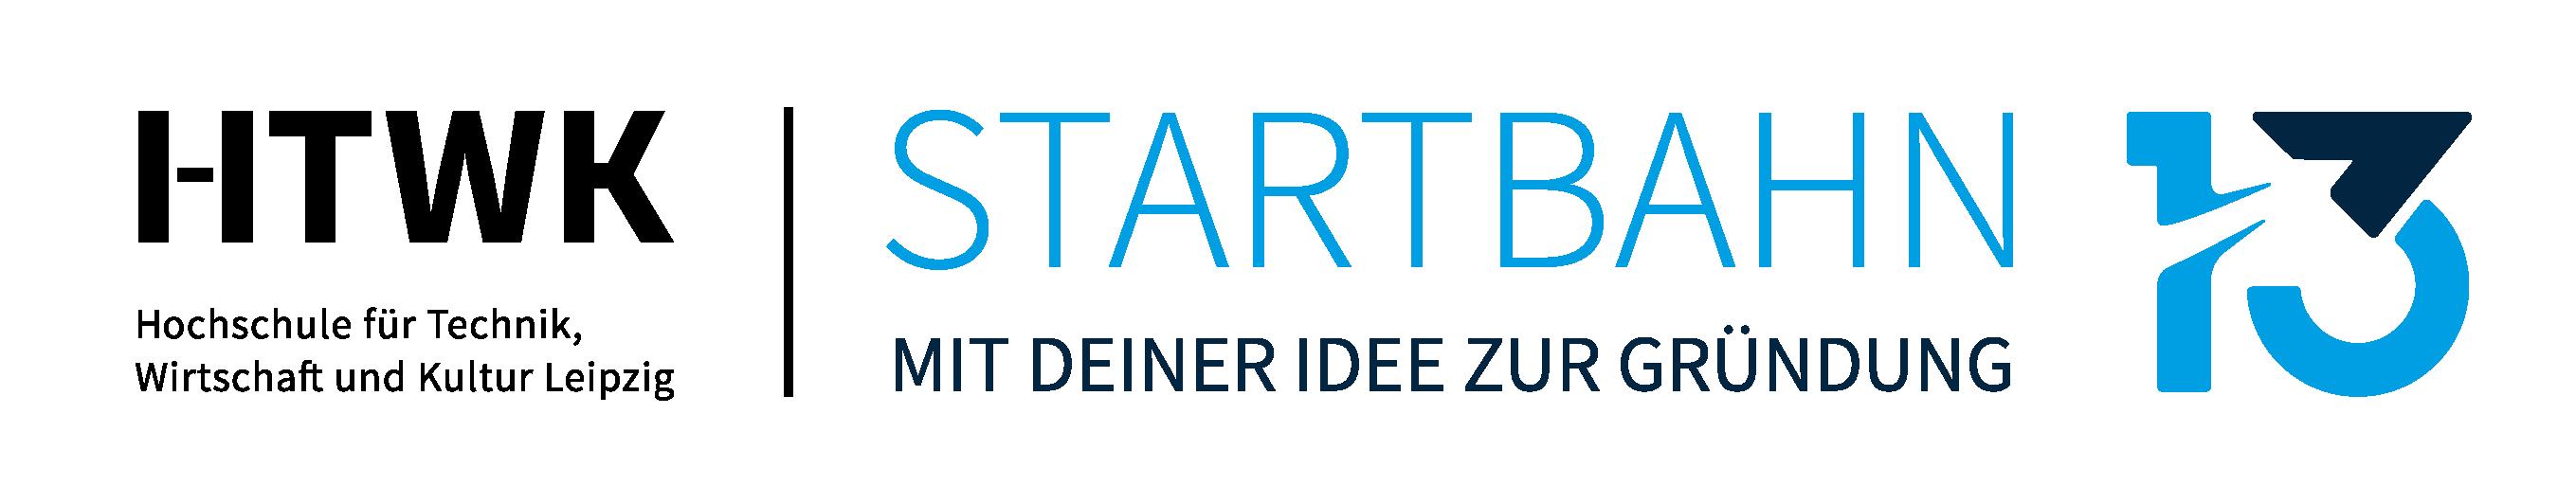 Logo Startbahn 13